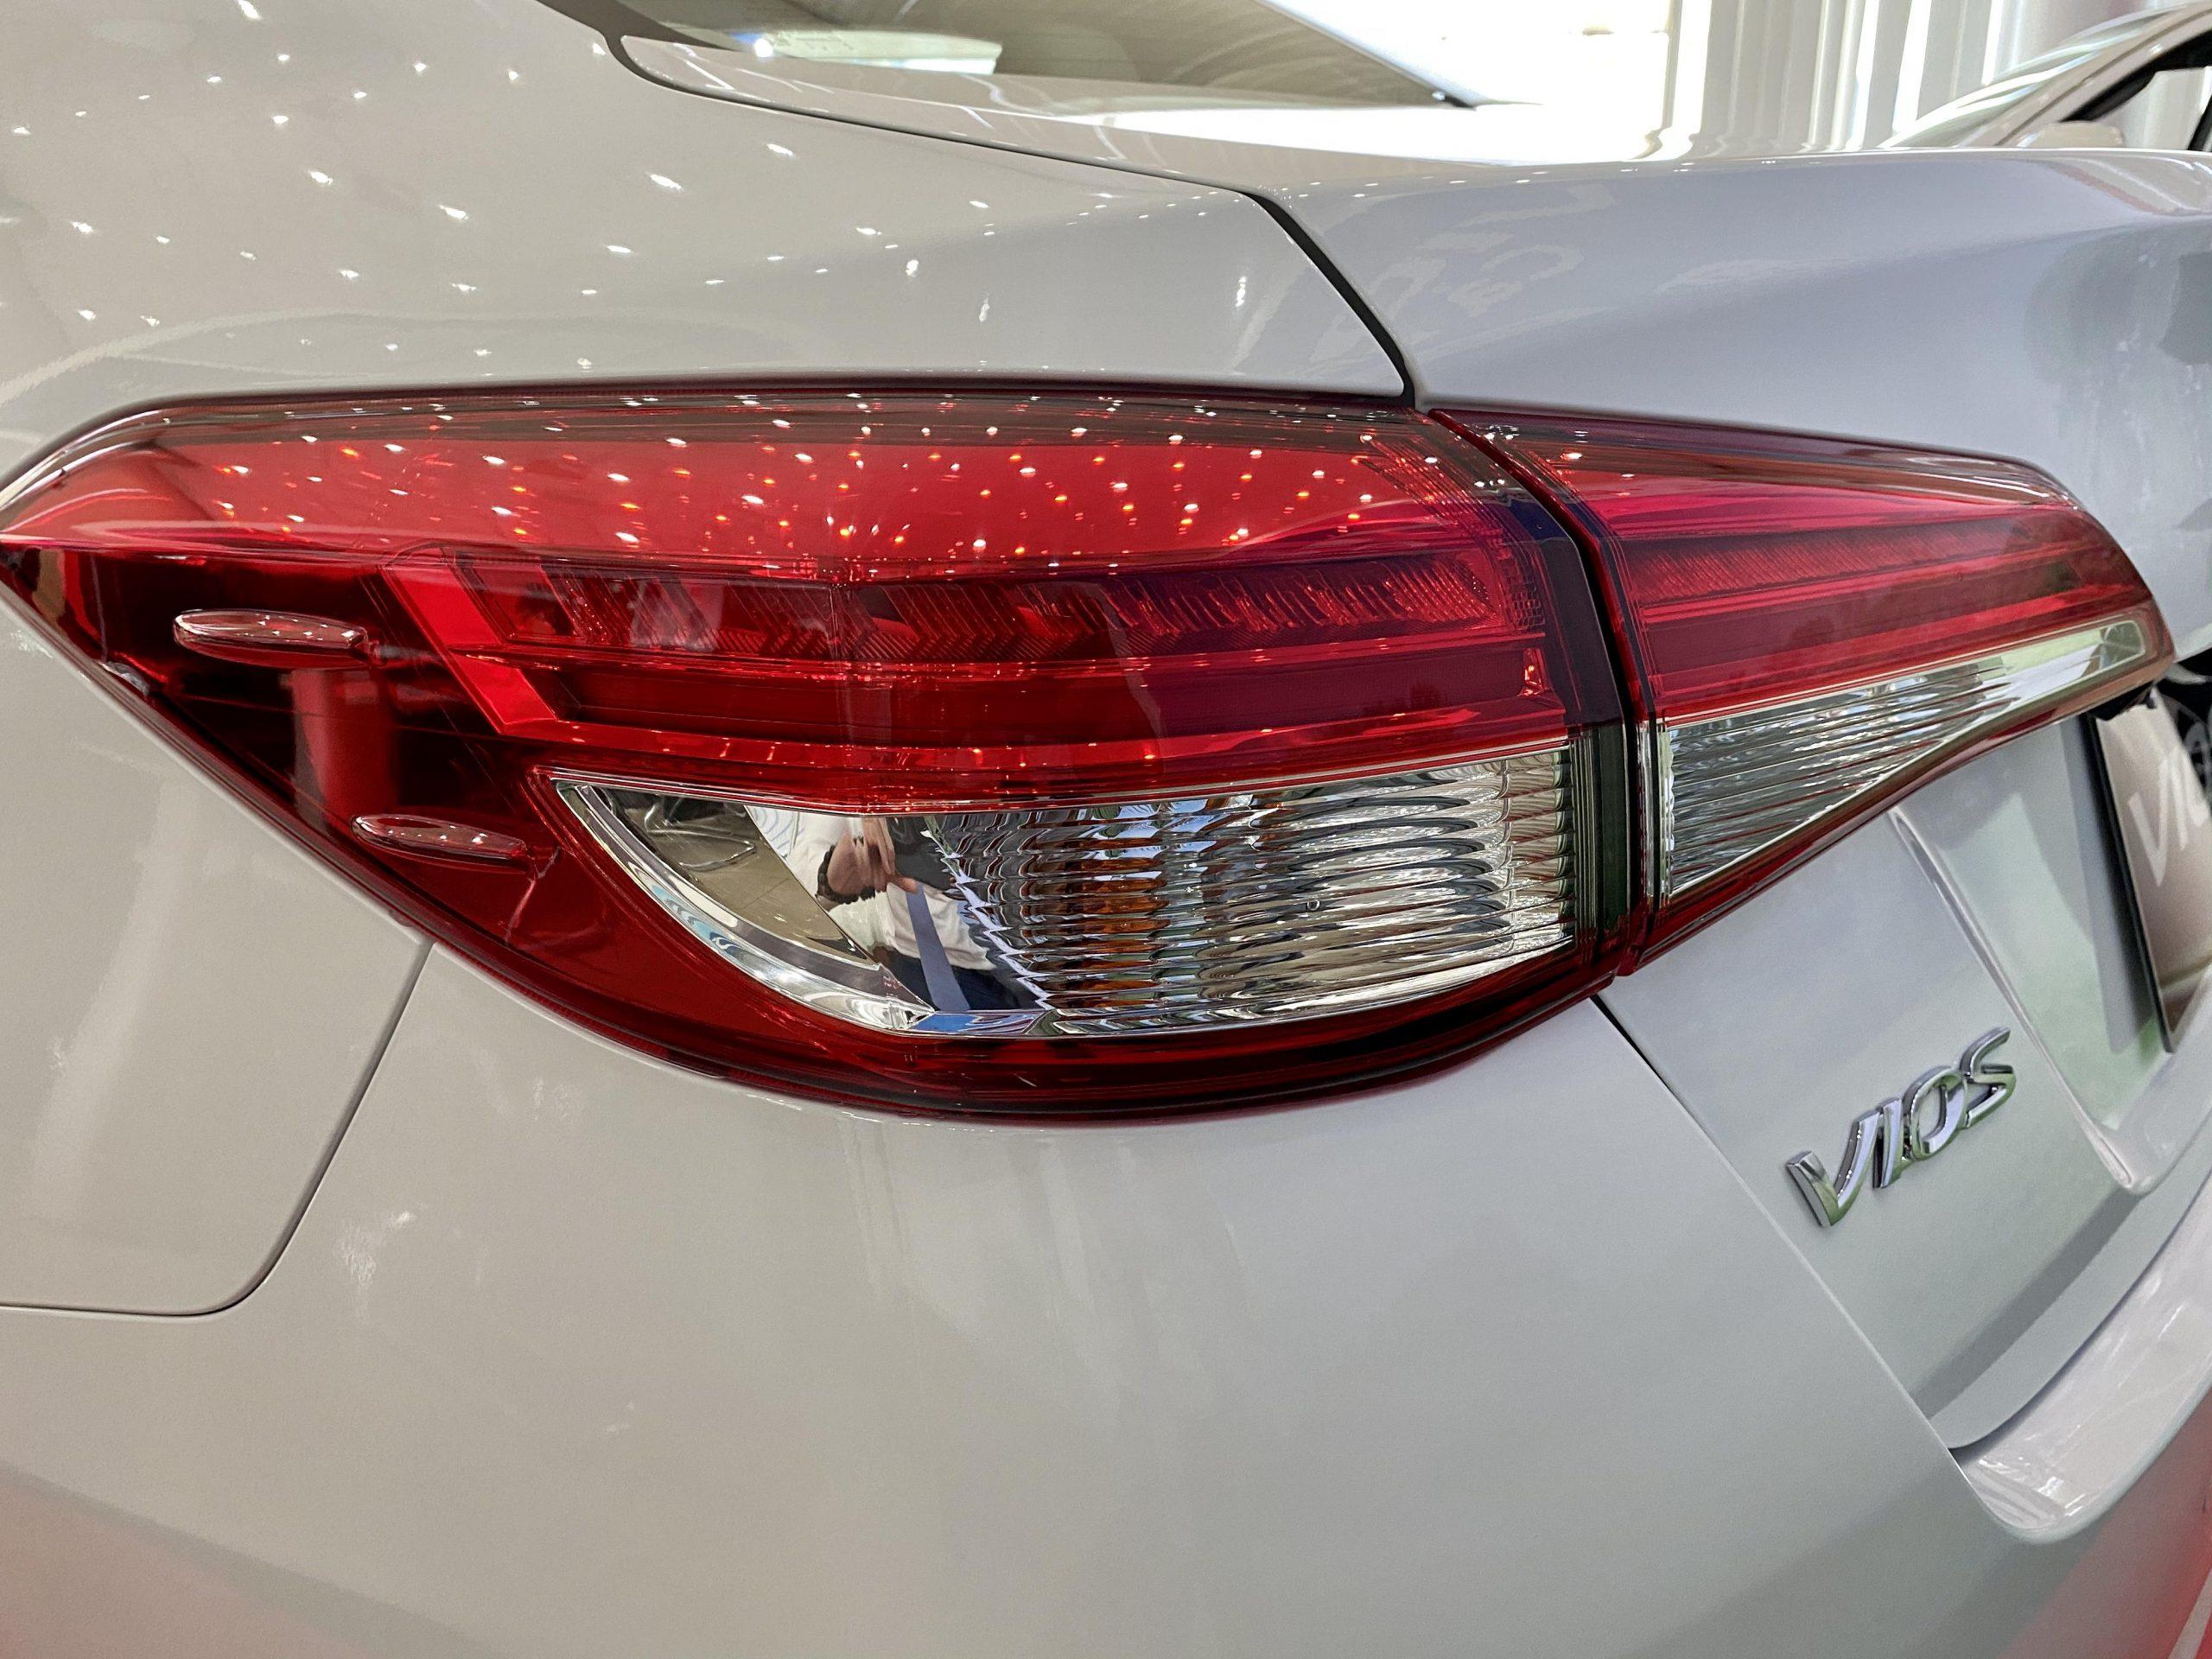 Vios 2020 G 05 scaled - Toyota Vios 2020: giá bán và khuyến mãi cập nhật mỗi 2 phút